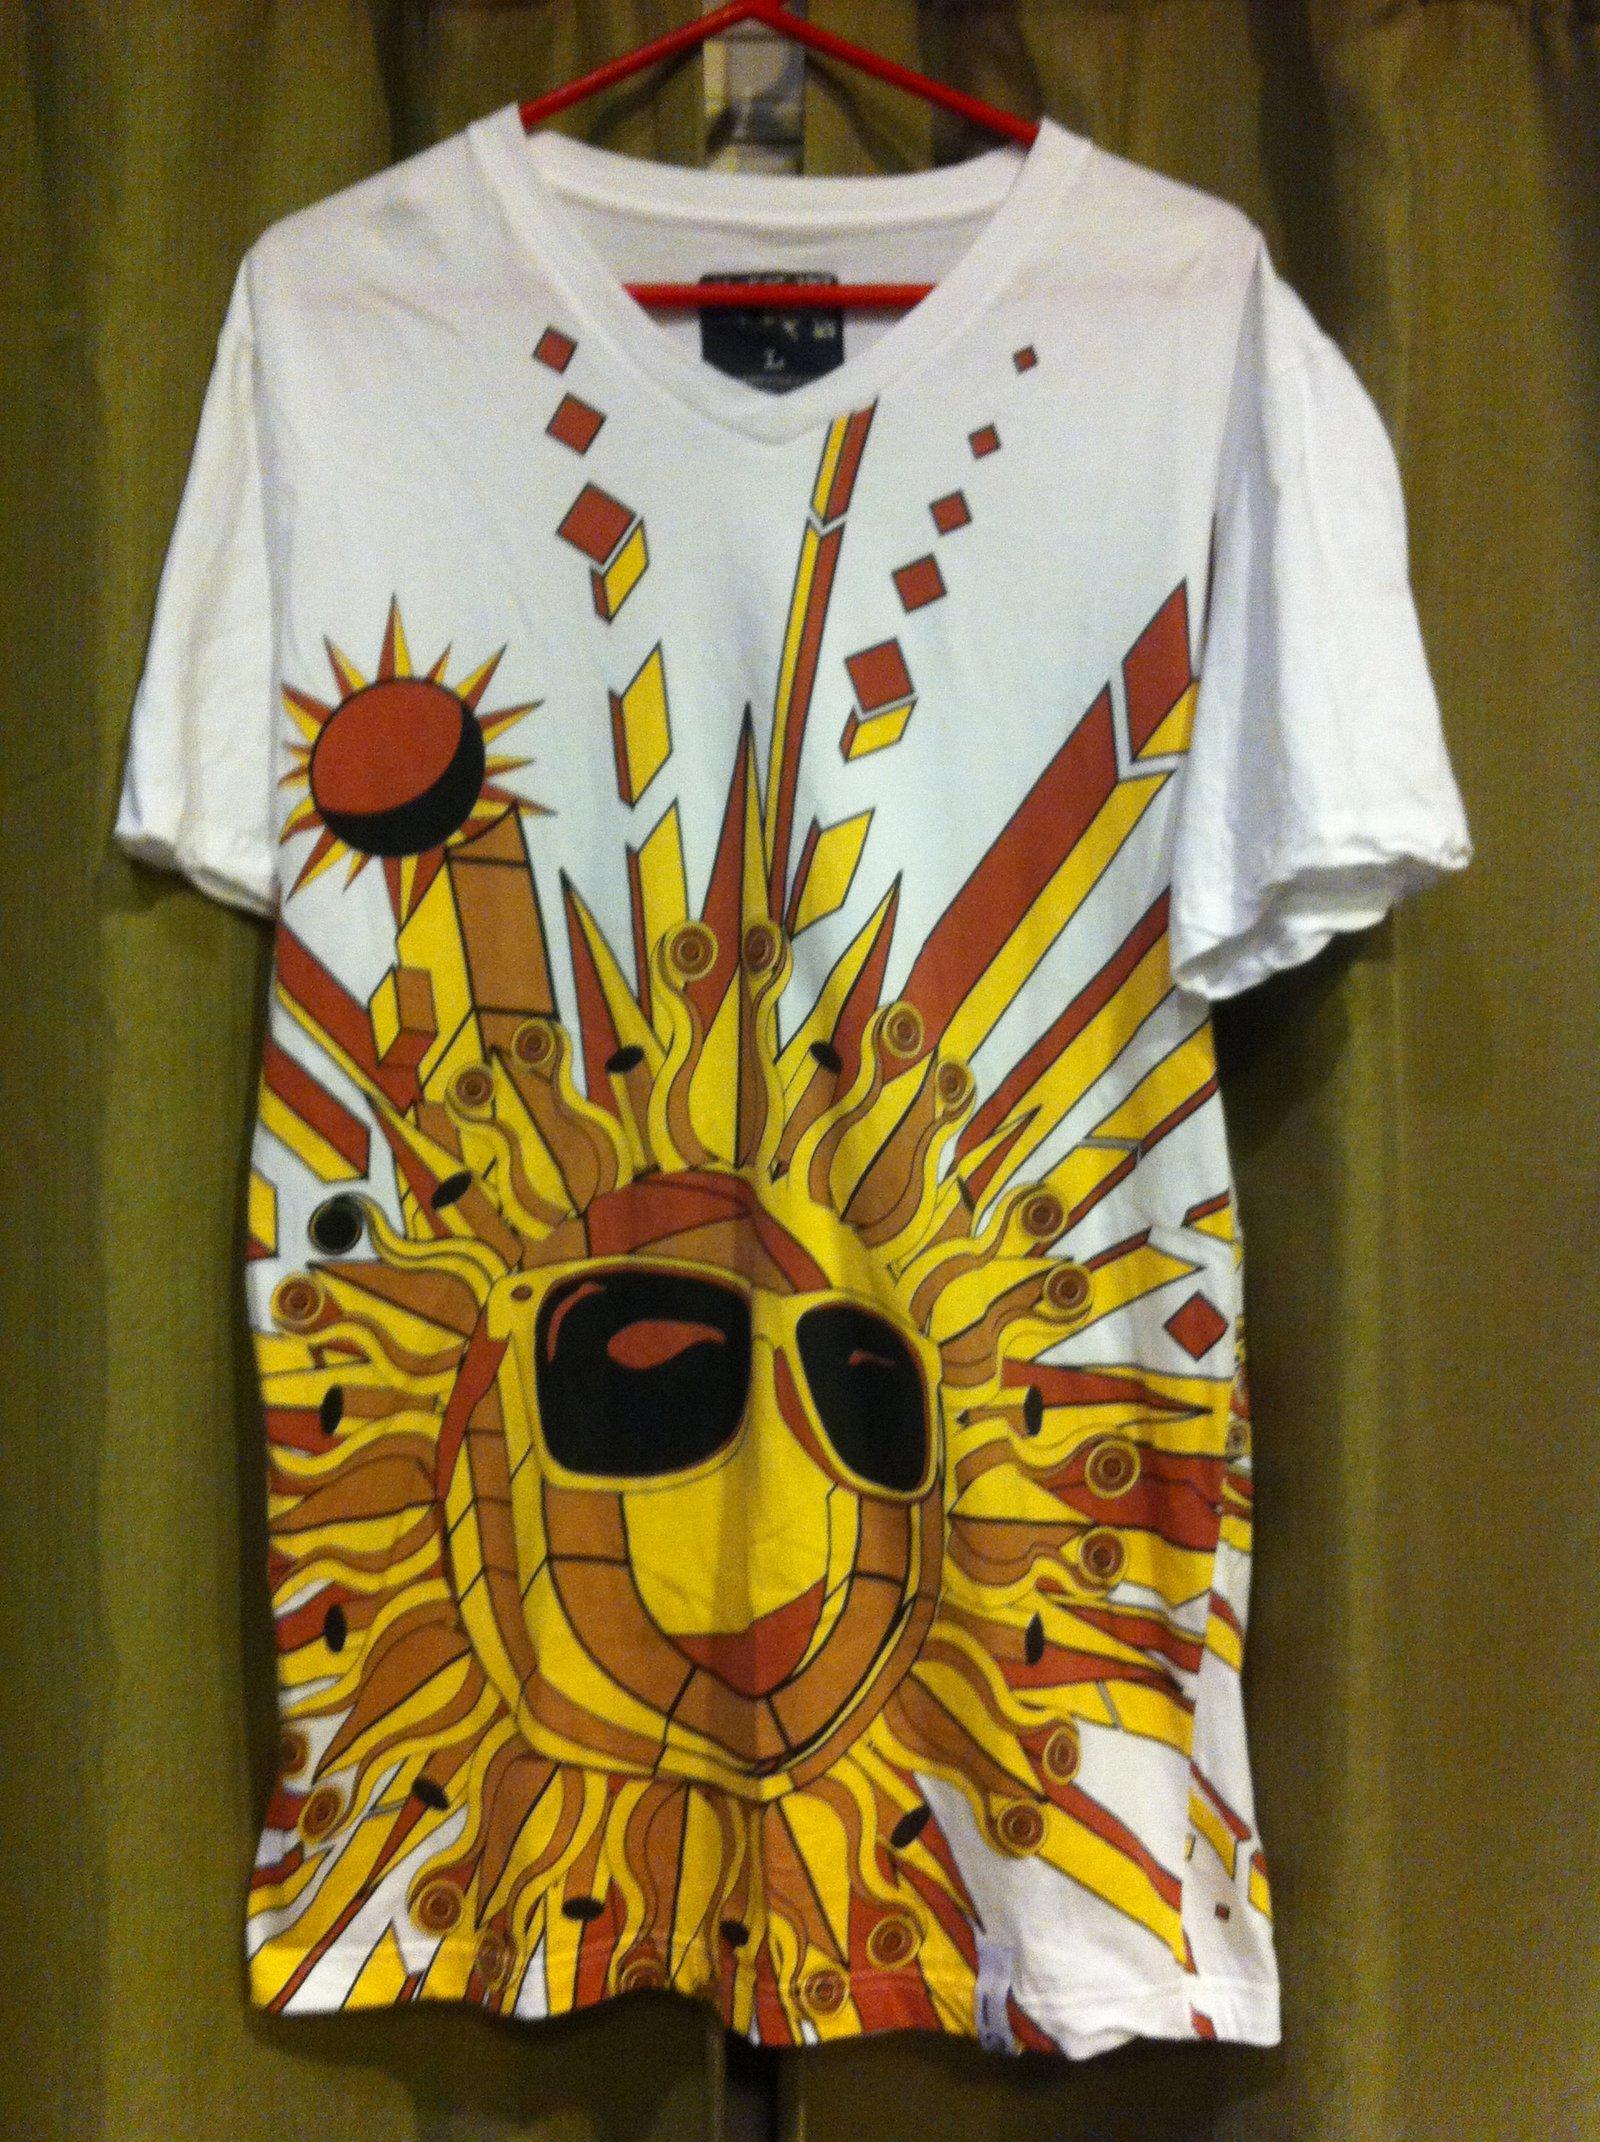 jiberish sun shirt